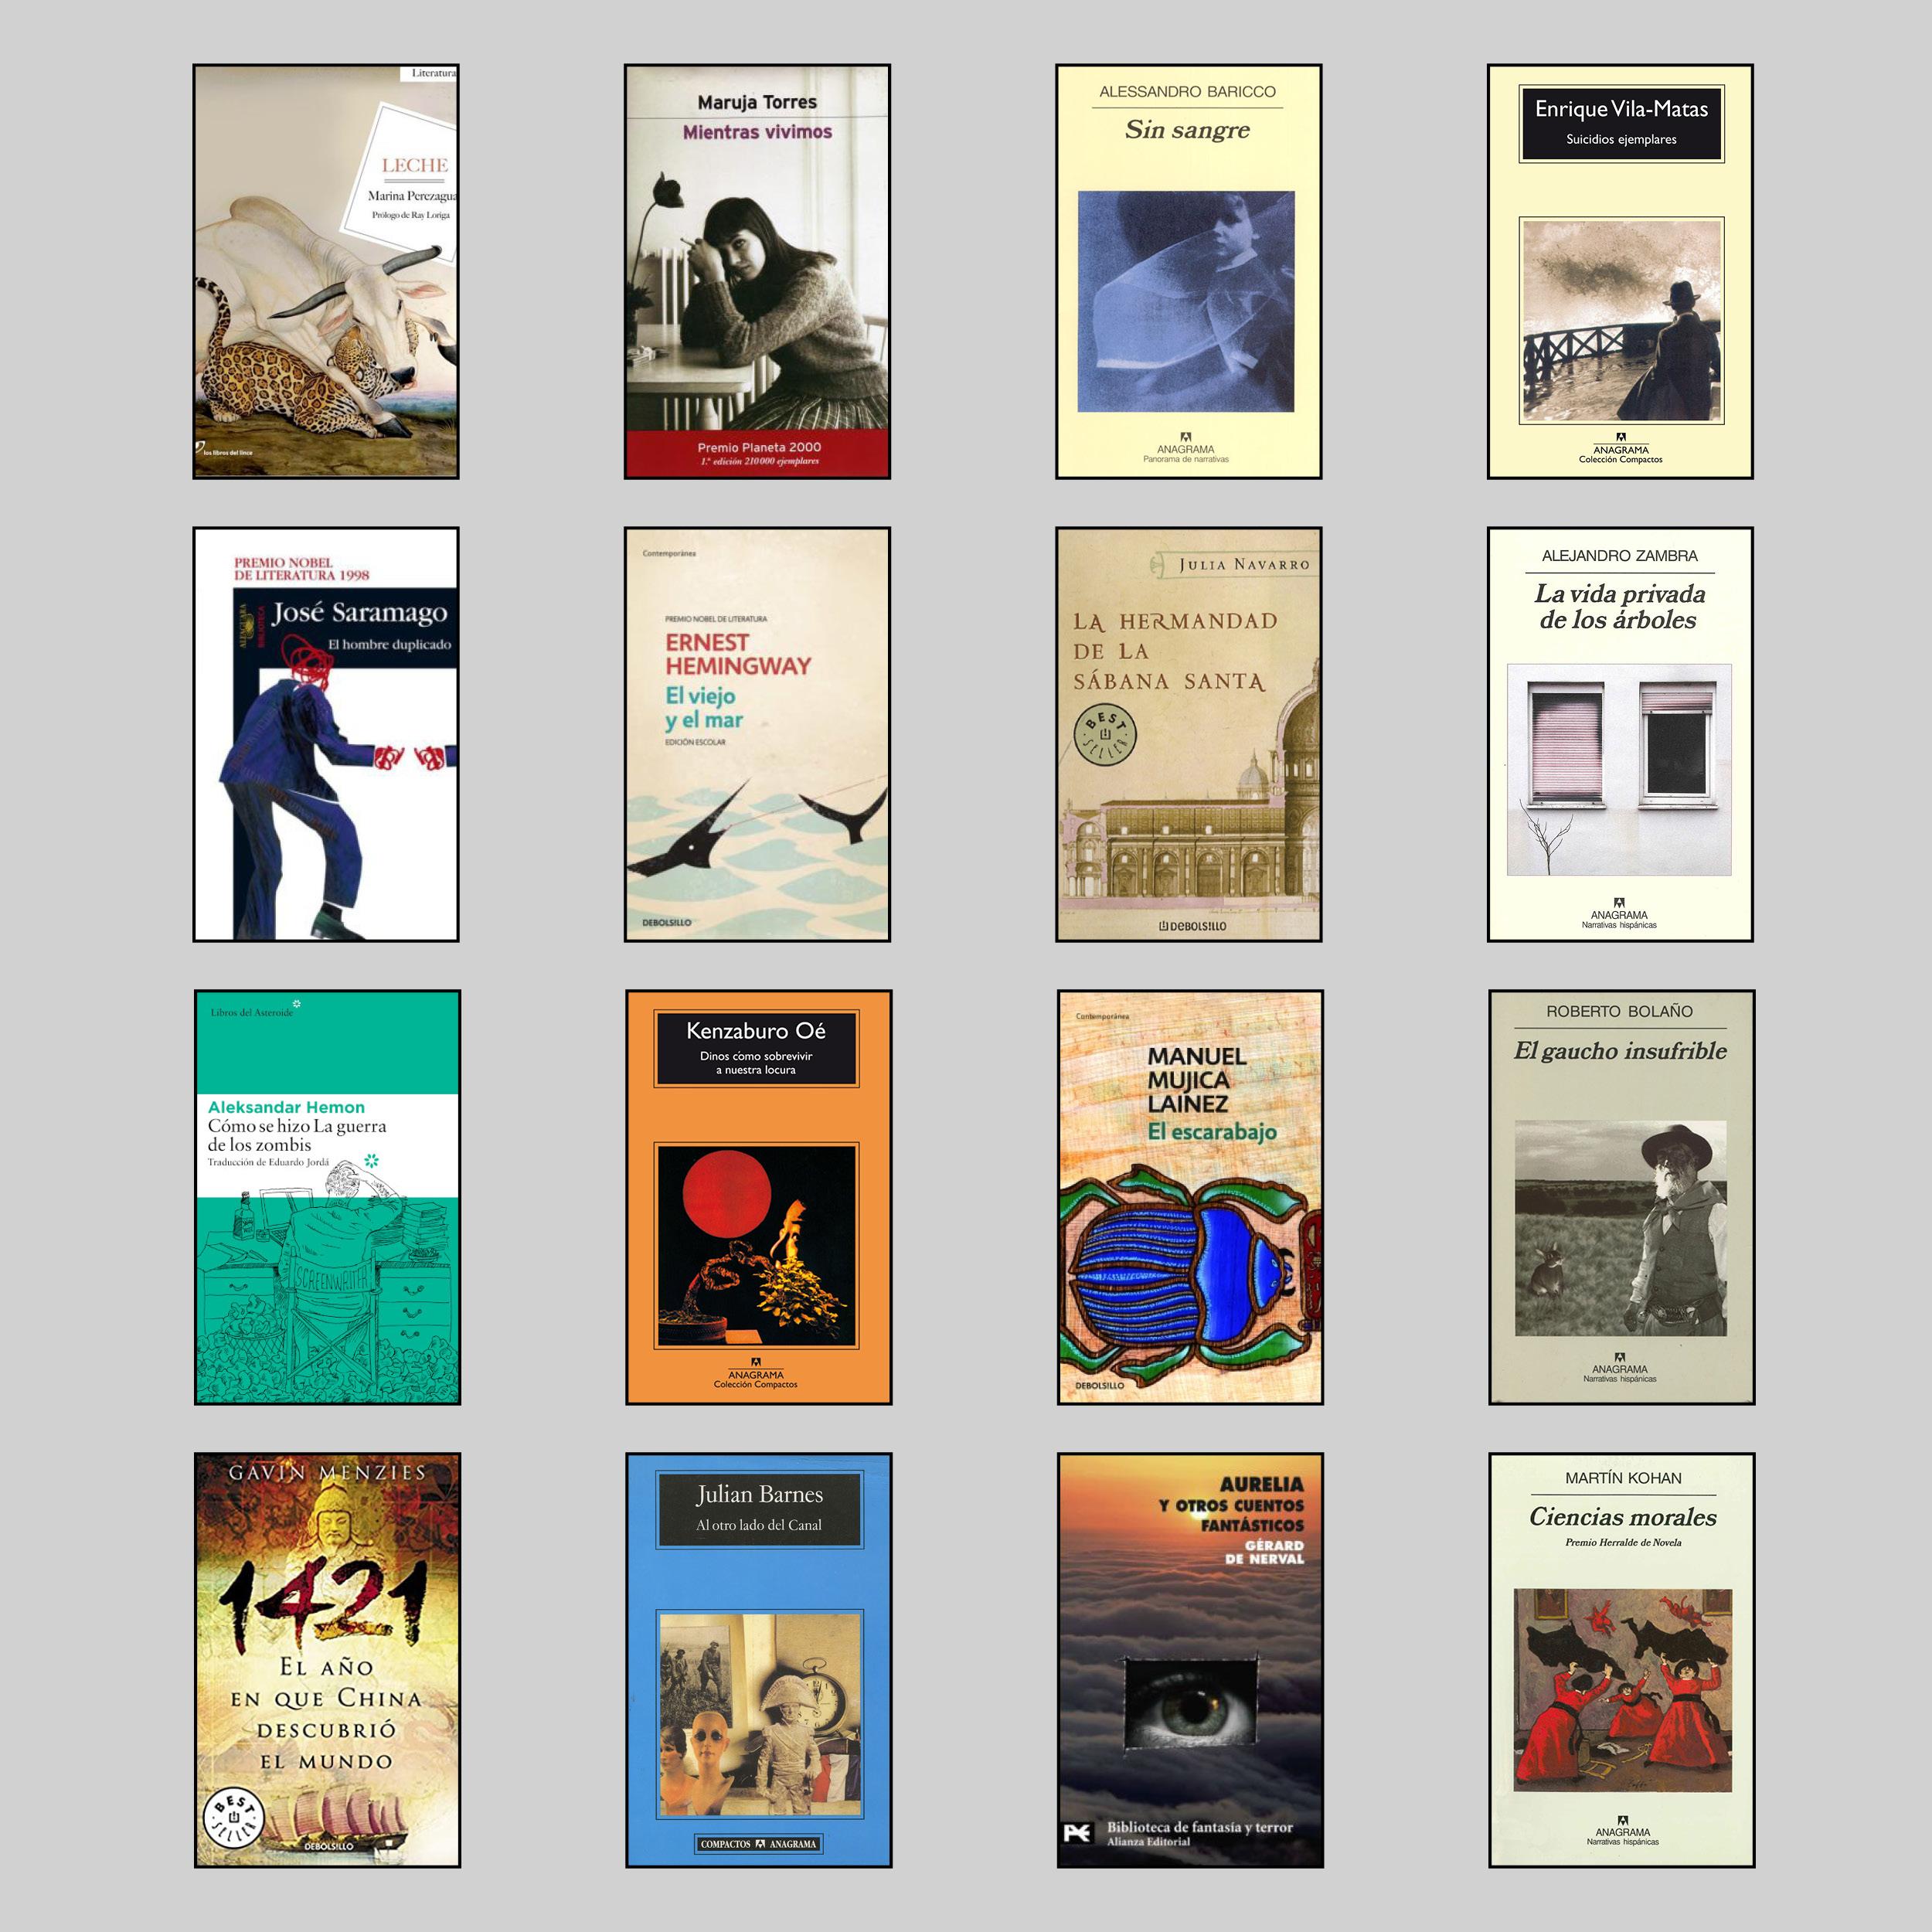 Grandes autores.jpg